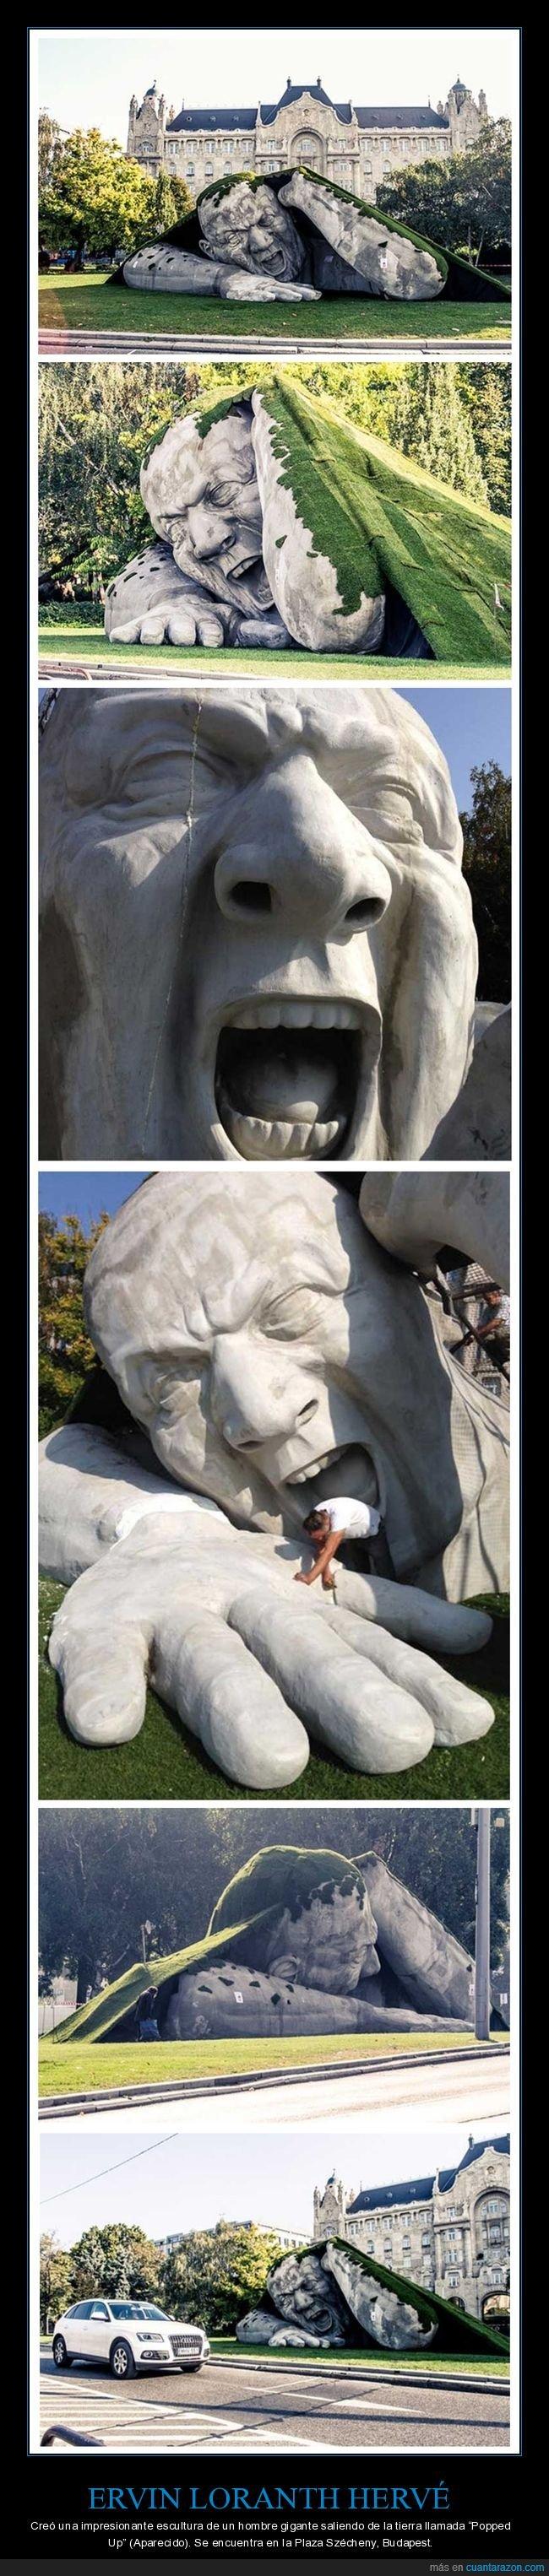 aparecido,ervin loranth hervé,escultura,gigante,pooped up